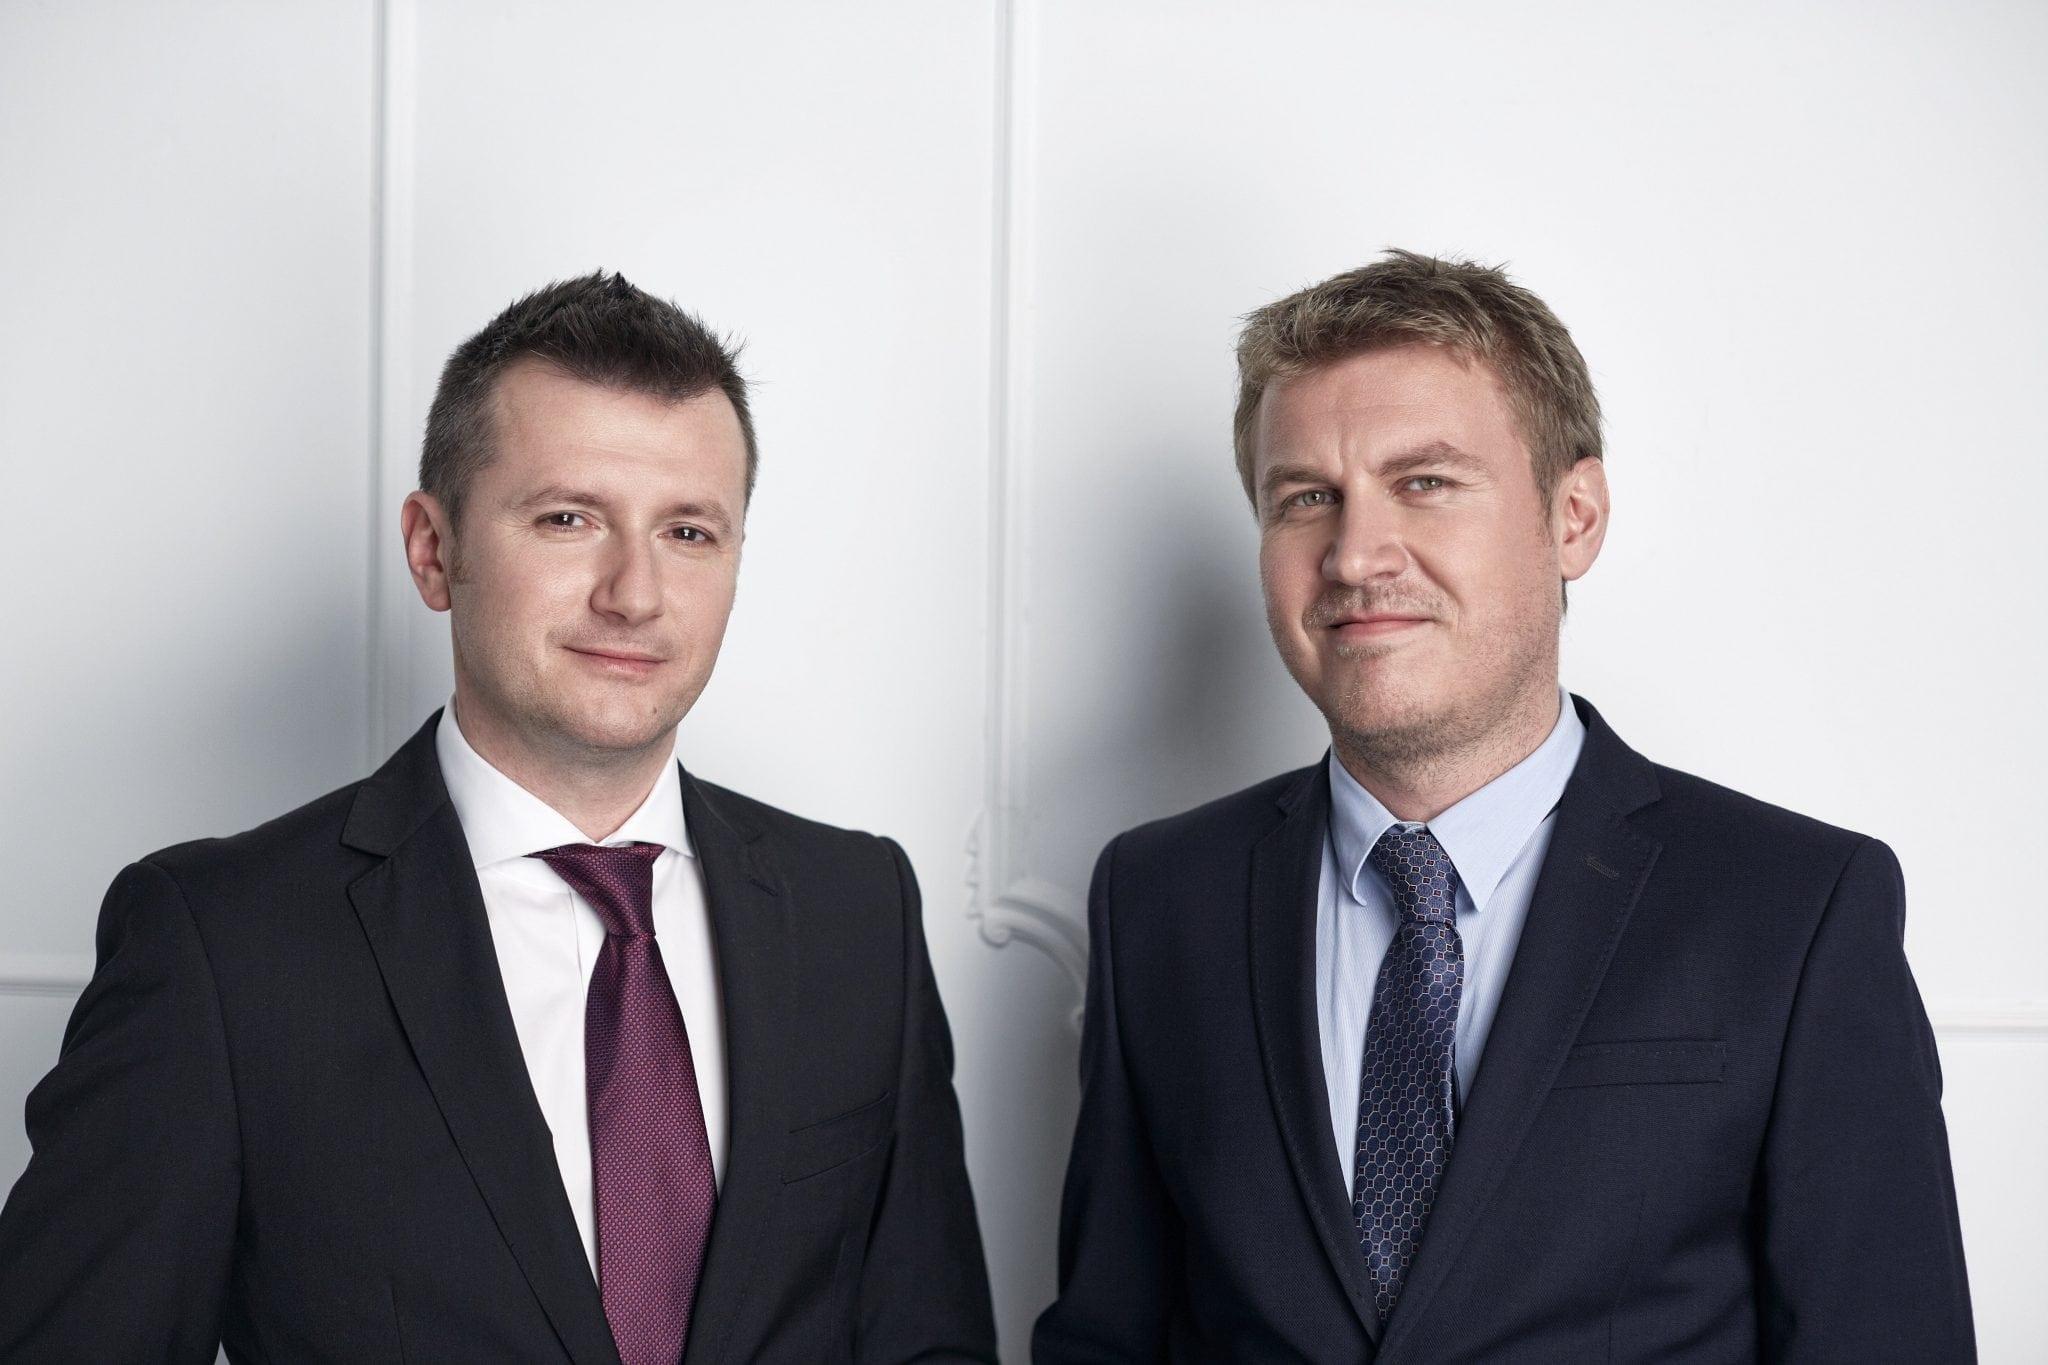 Începând cu 2016, activitatea Philips în sud-estul Europei este coordonată de doi români